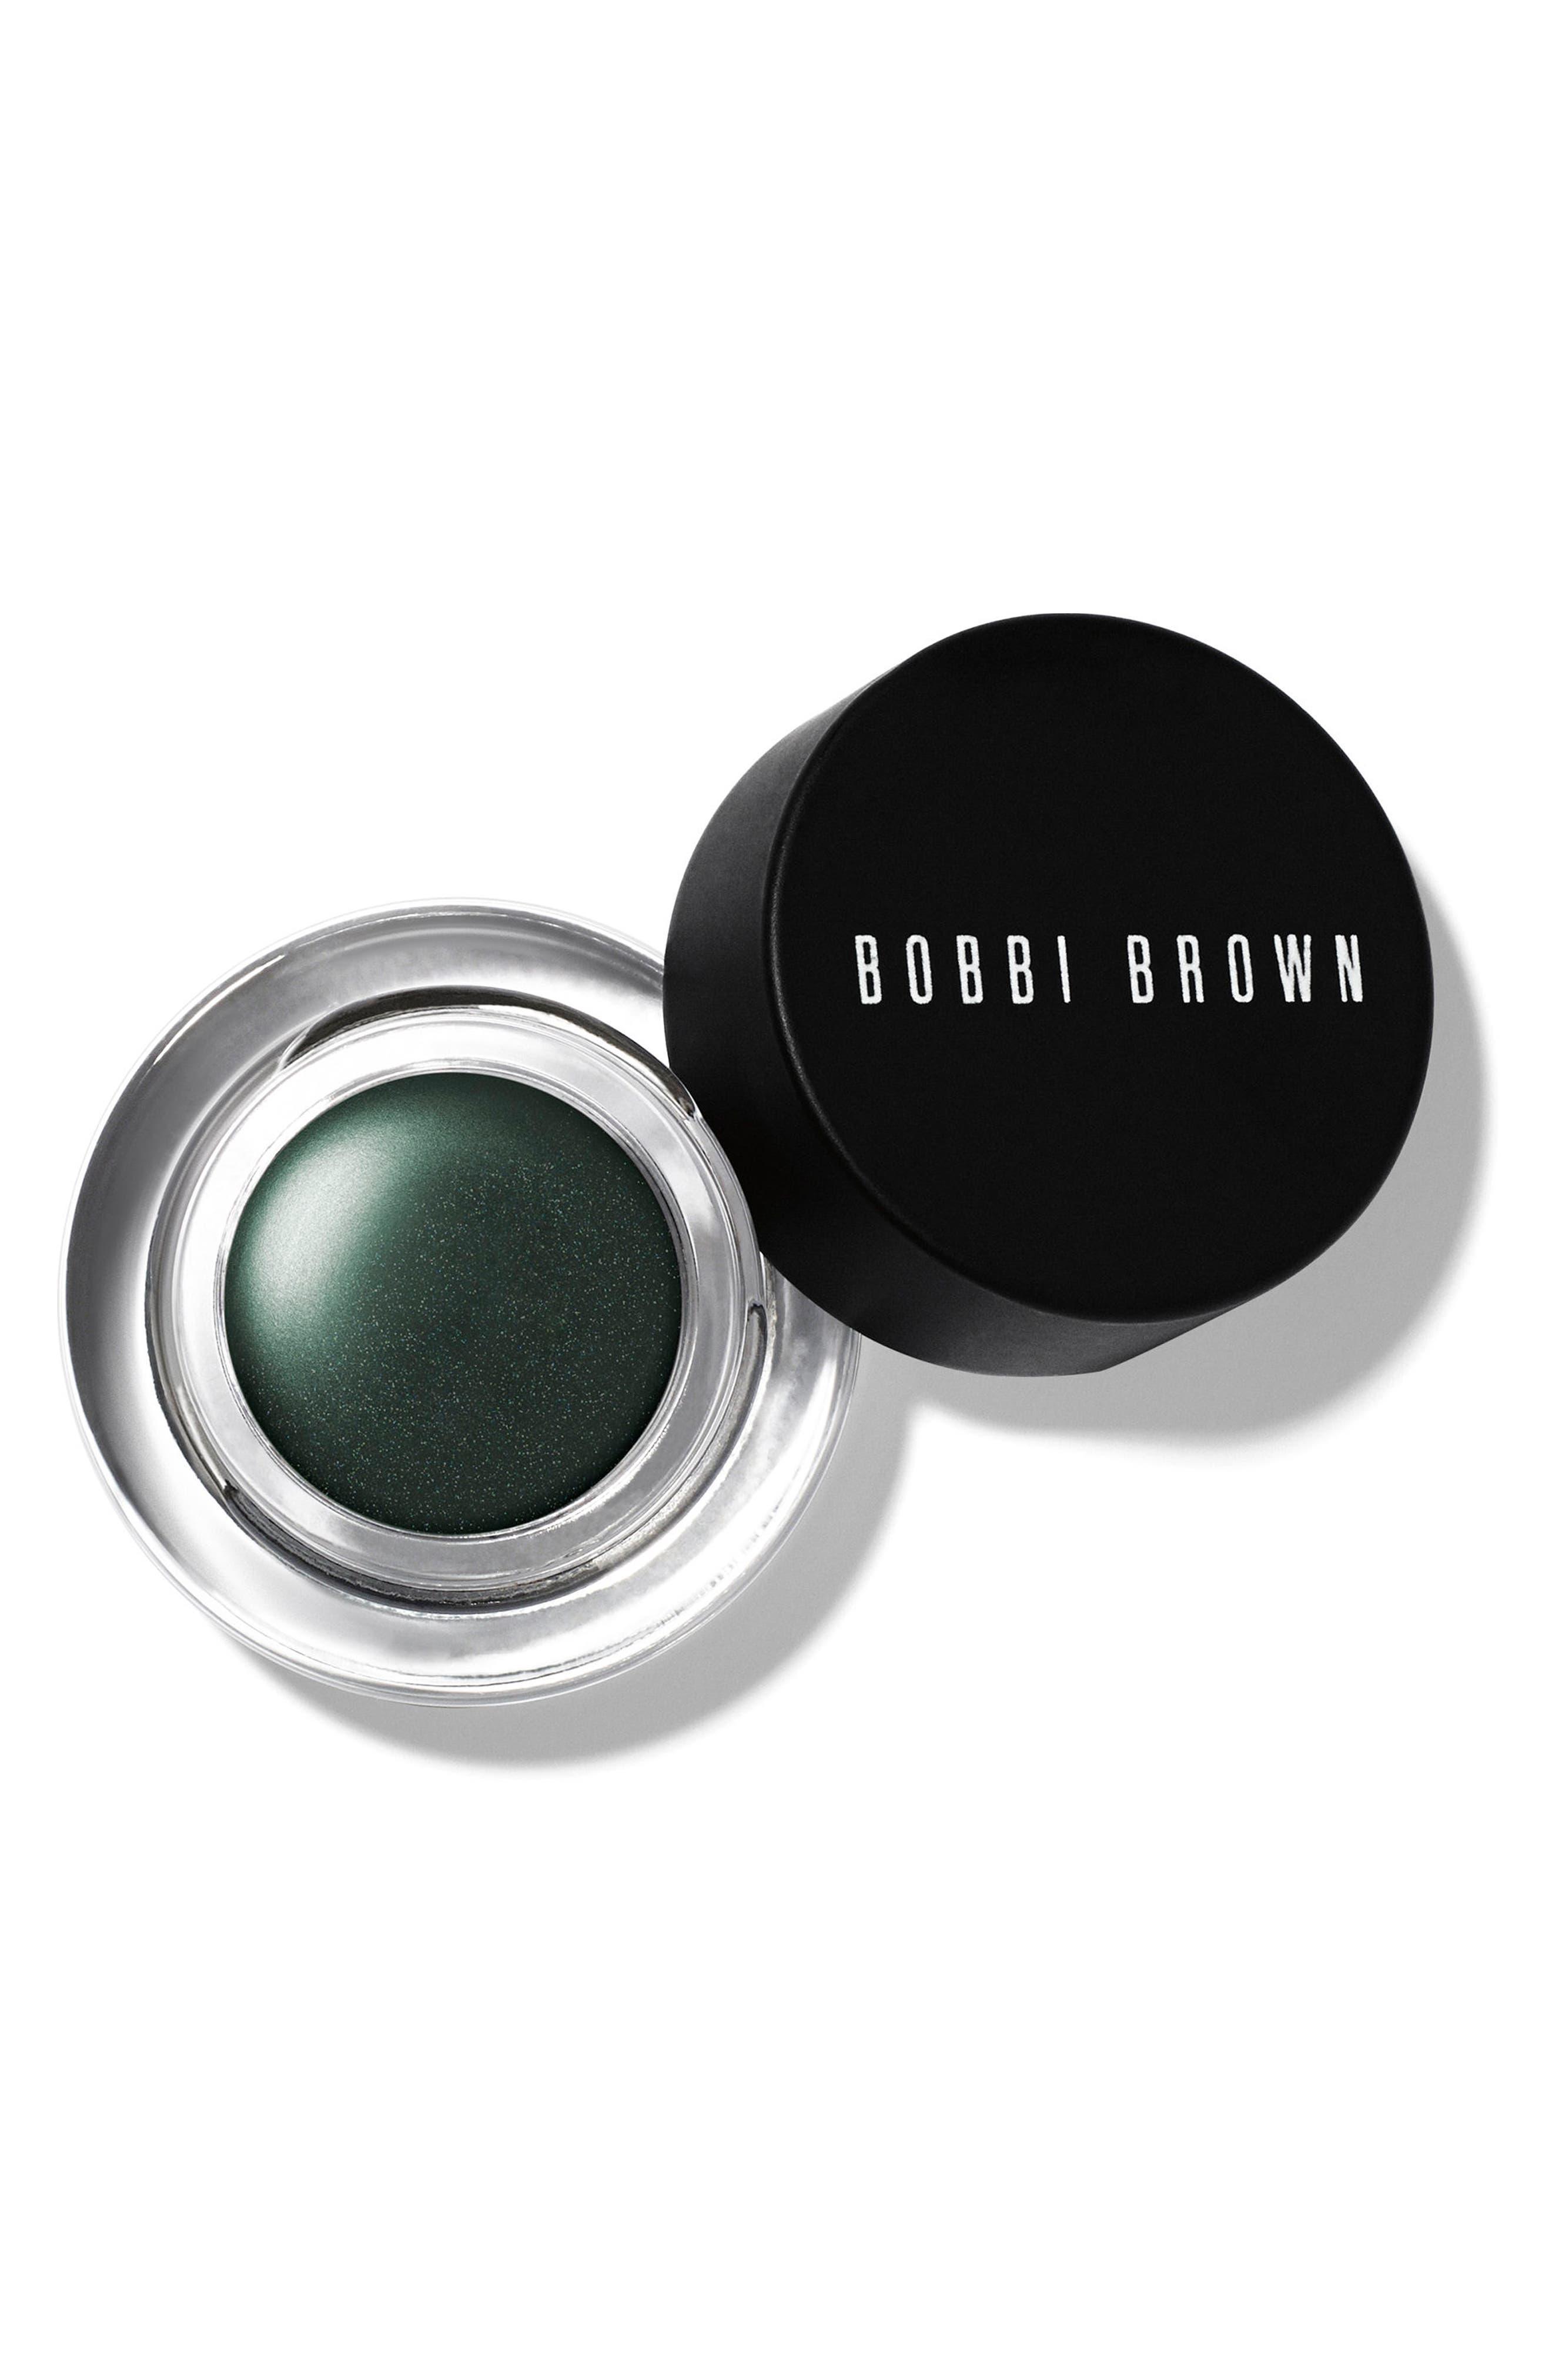 Bobbi Brown Long-Wear Gel Eyeliner - Ivy Shimmer Ink